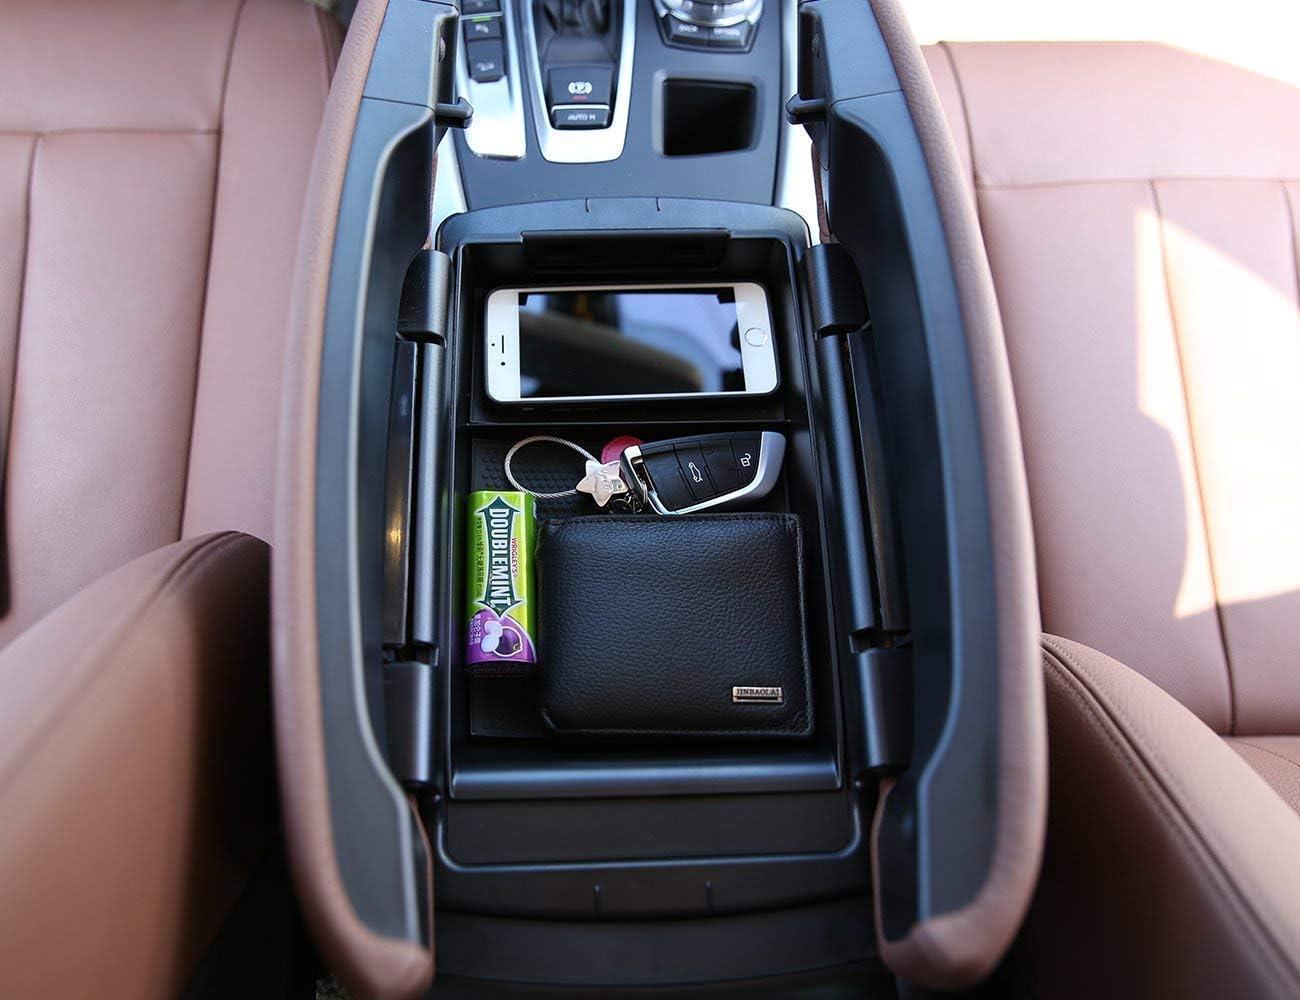 2017 Accoudoir bo/îte de Rangement AUTO Pro pour BMW X5 X 6 F15 F16 2014 bo/îte de Rangement pour t/él/éphone avec Tapis et Logo